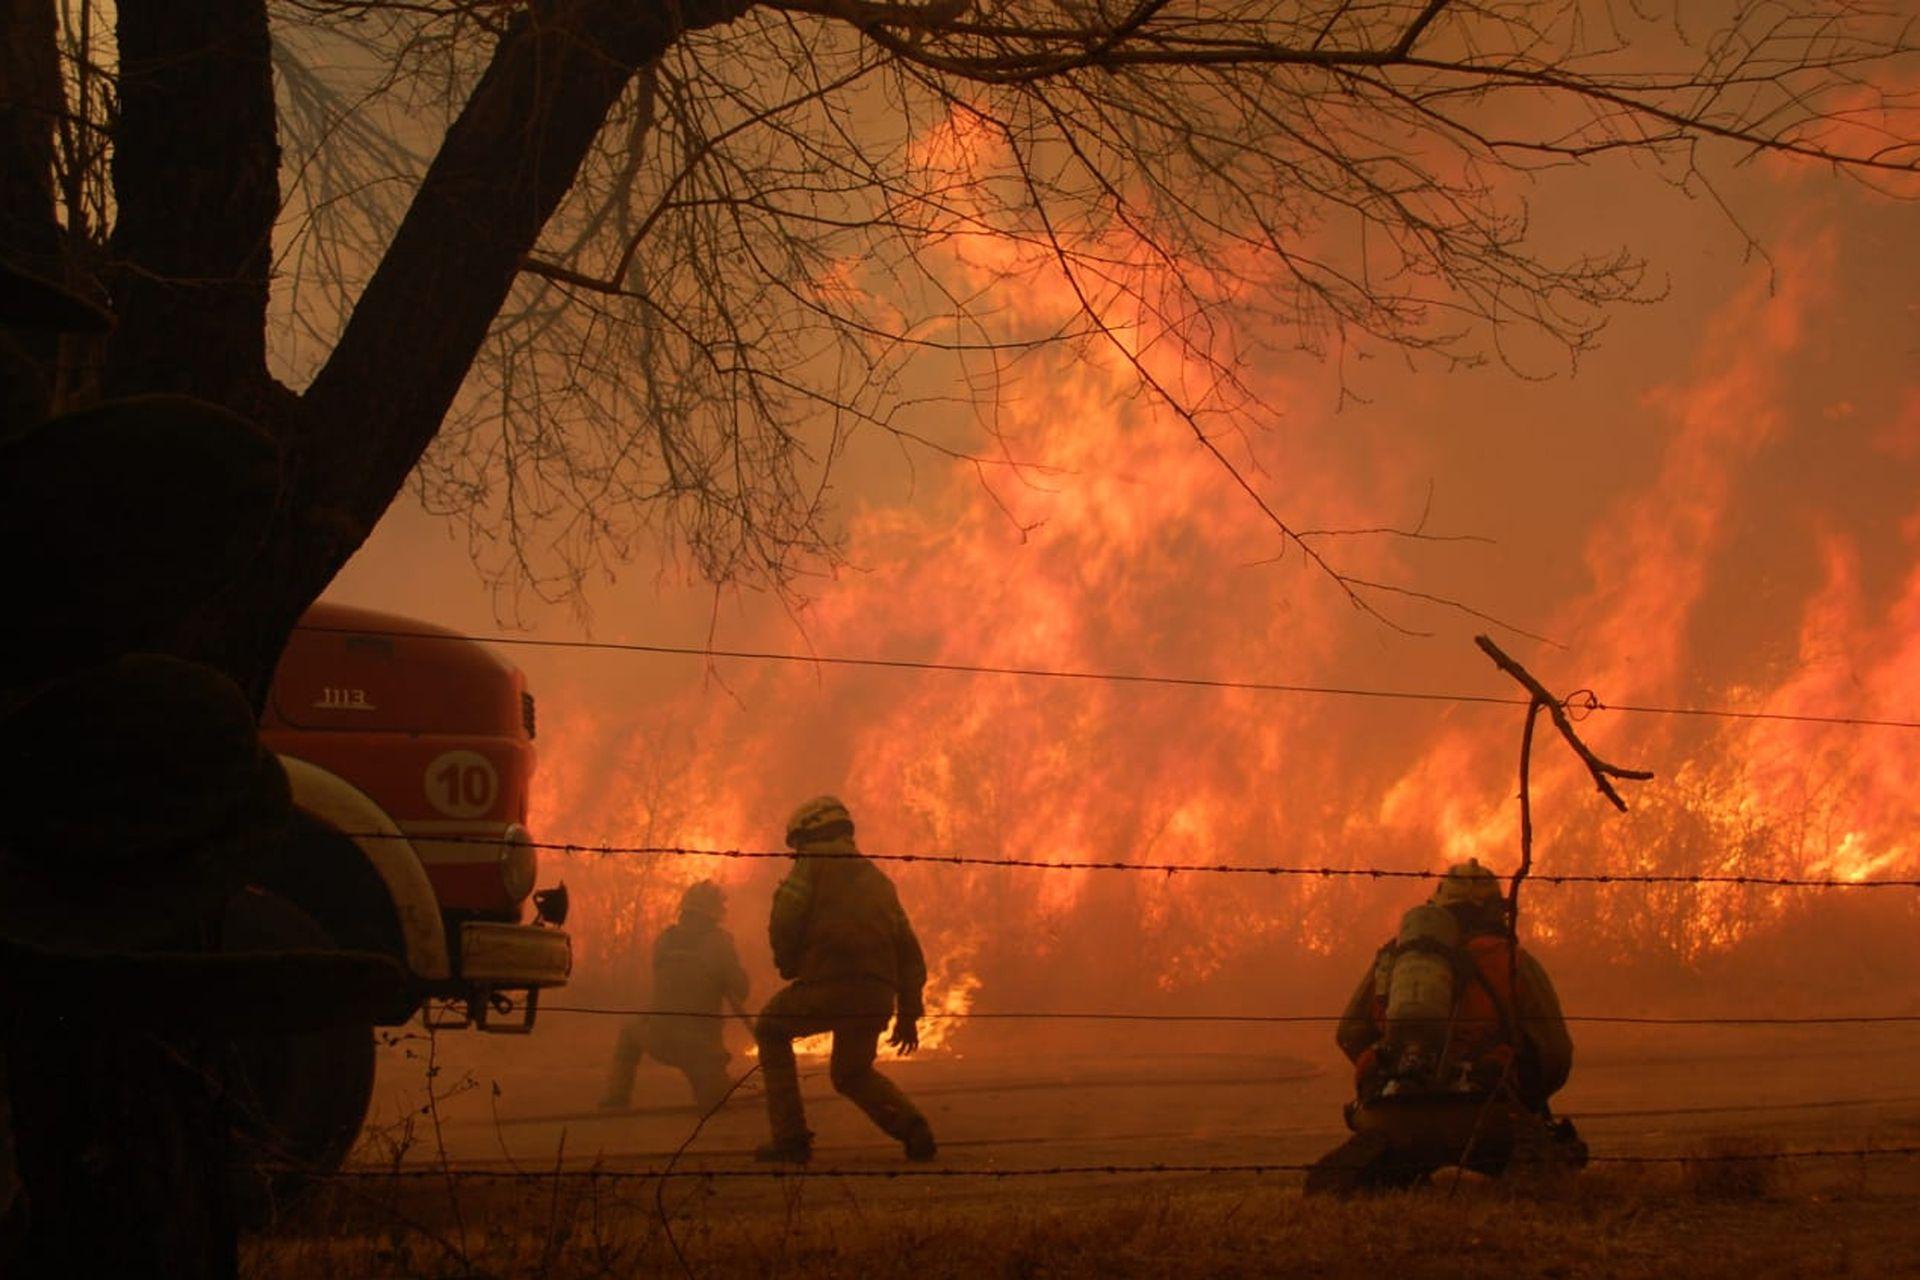 Las autoridades informaron que el fuego está descontrolado, y que el viento y las altas temperaturas empeoran la situación